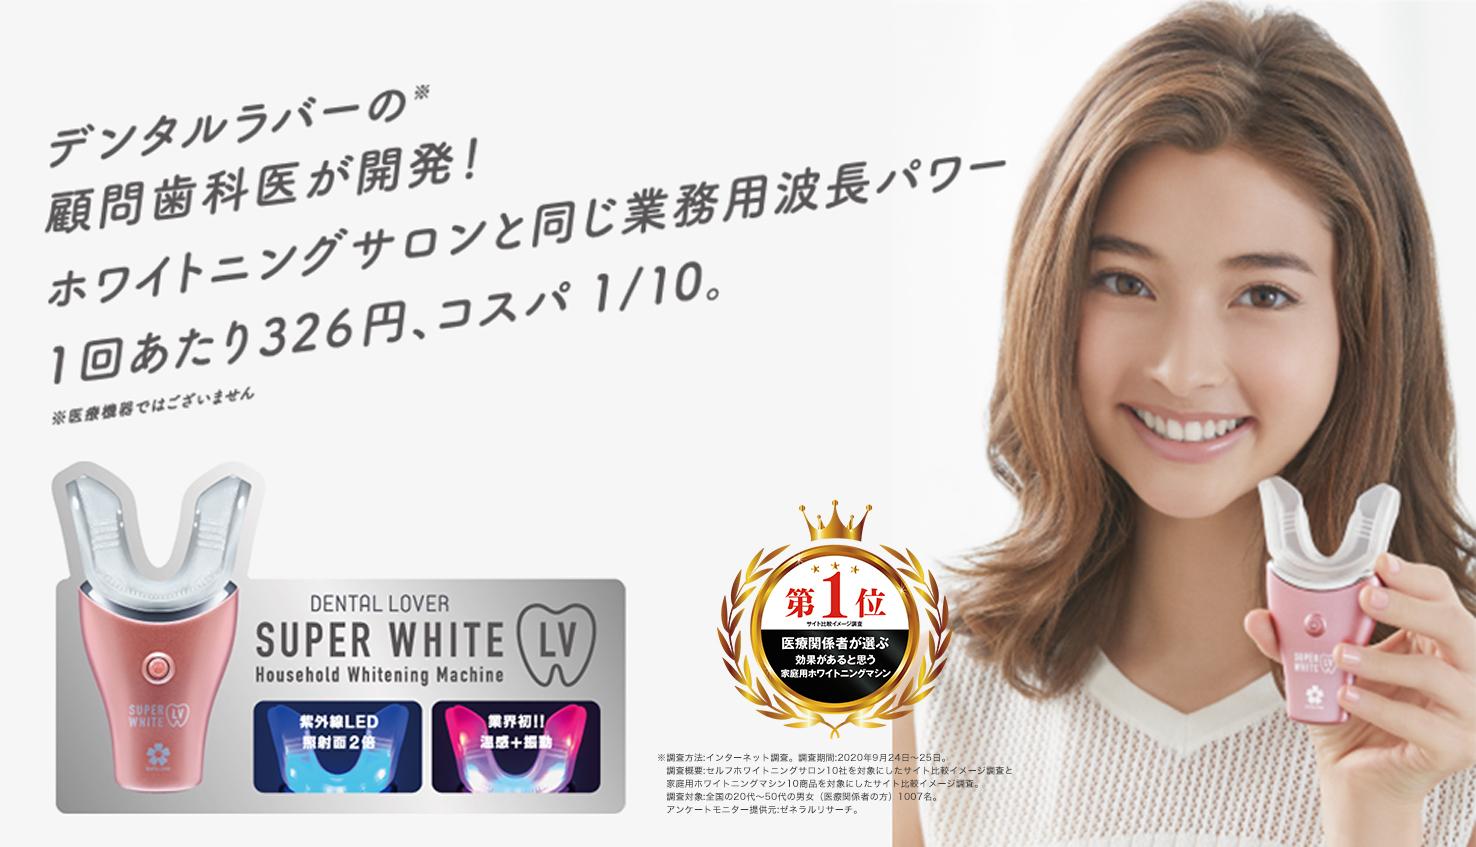 デンタルラバーの顧問歯科医が開発! ホワイトニングサロンと同じ業務用波長パワーのSUPER WHITE LV